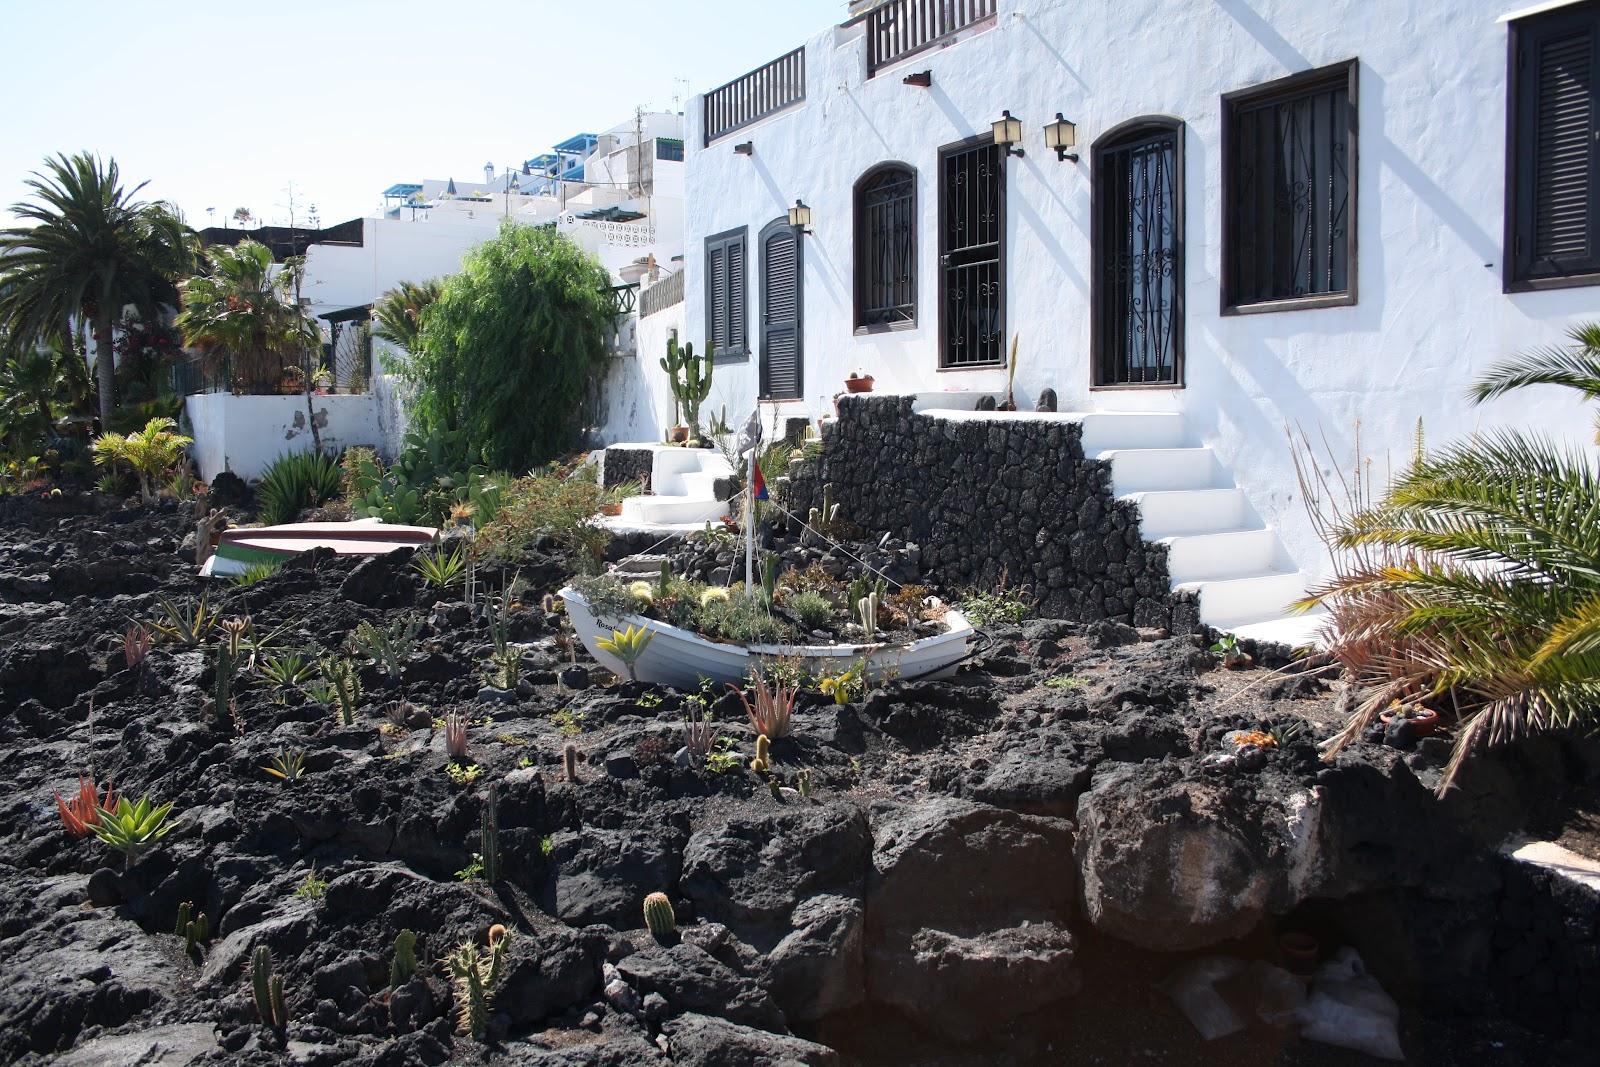 Lanzarote la casa fundaci n c sar manrique - Lanzarote casa de cesar manrique ...